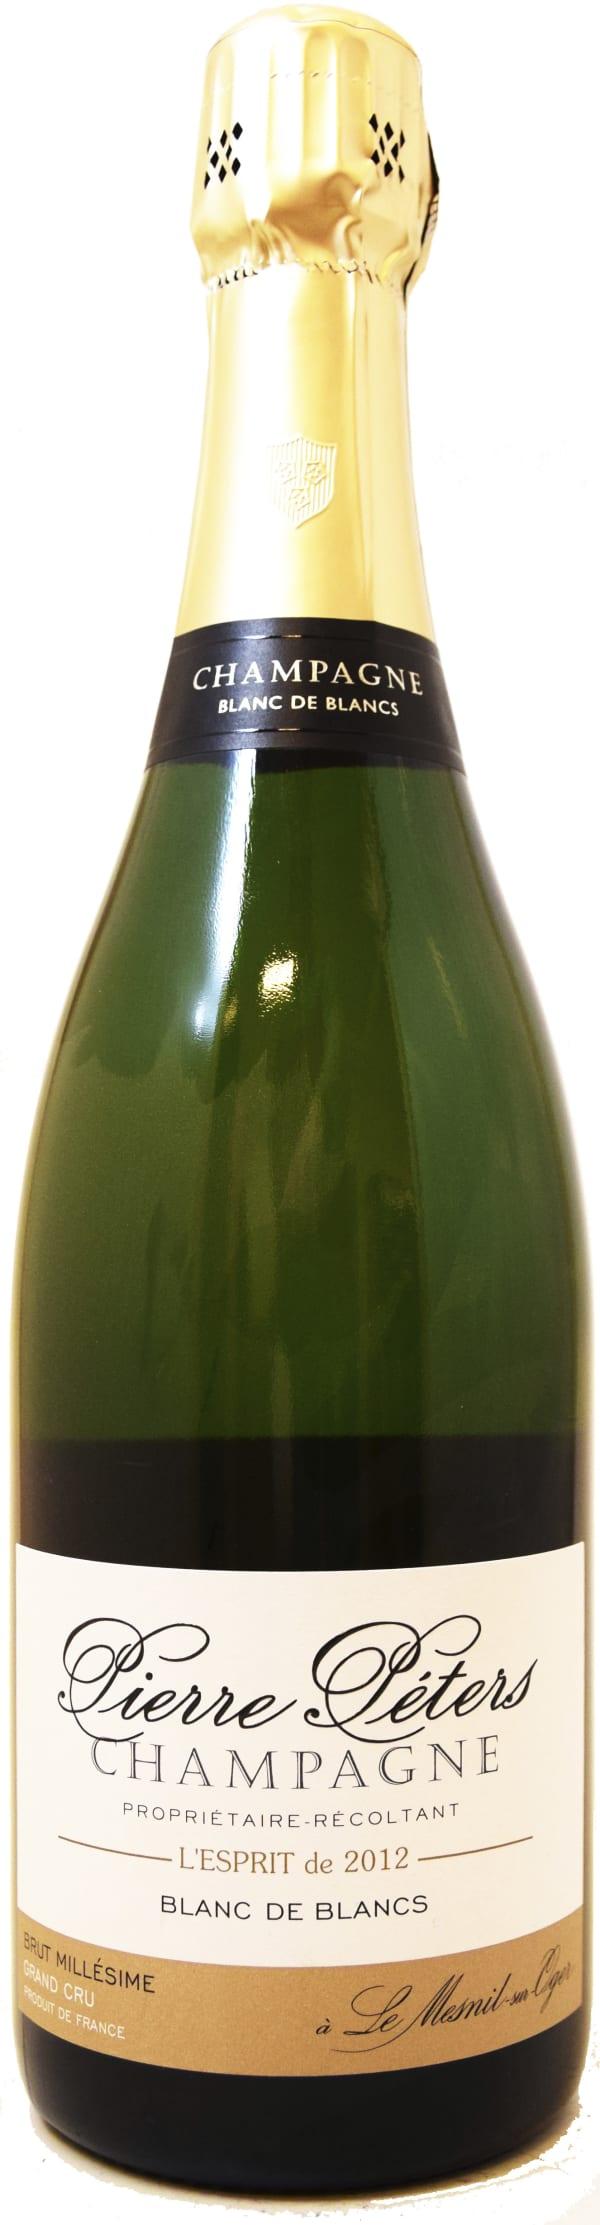 Pierre Peters Grand Cru Millésimé Champagne Brut 2010